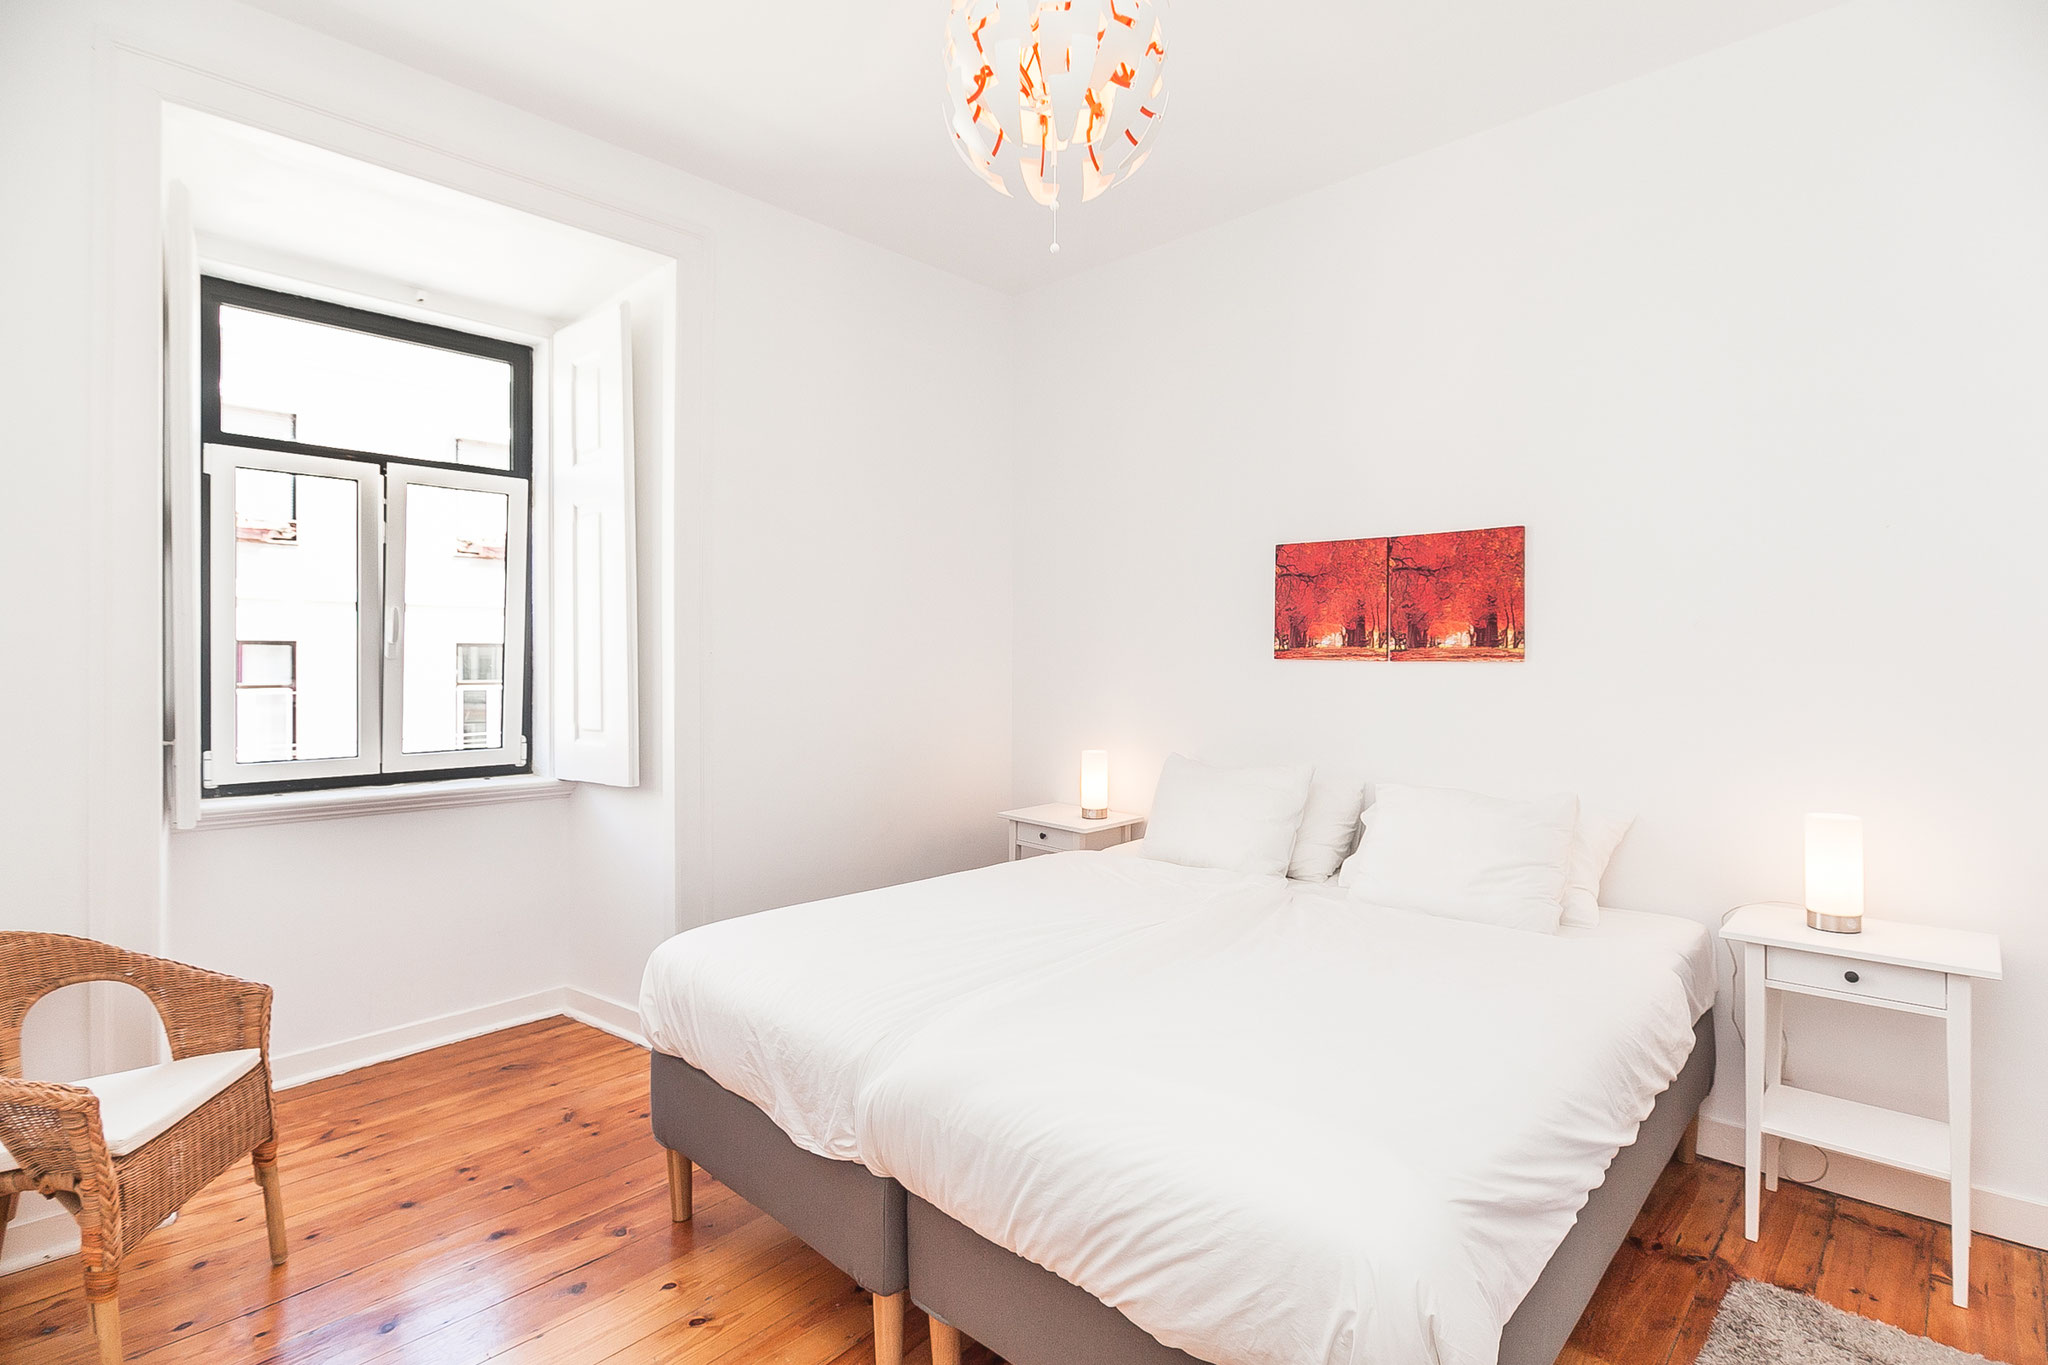 Furnished Two-Bedroom Apartment Belém, Lisbon